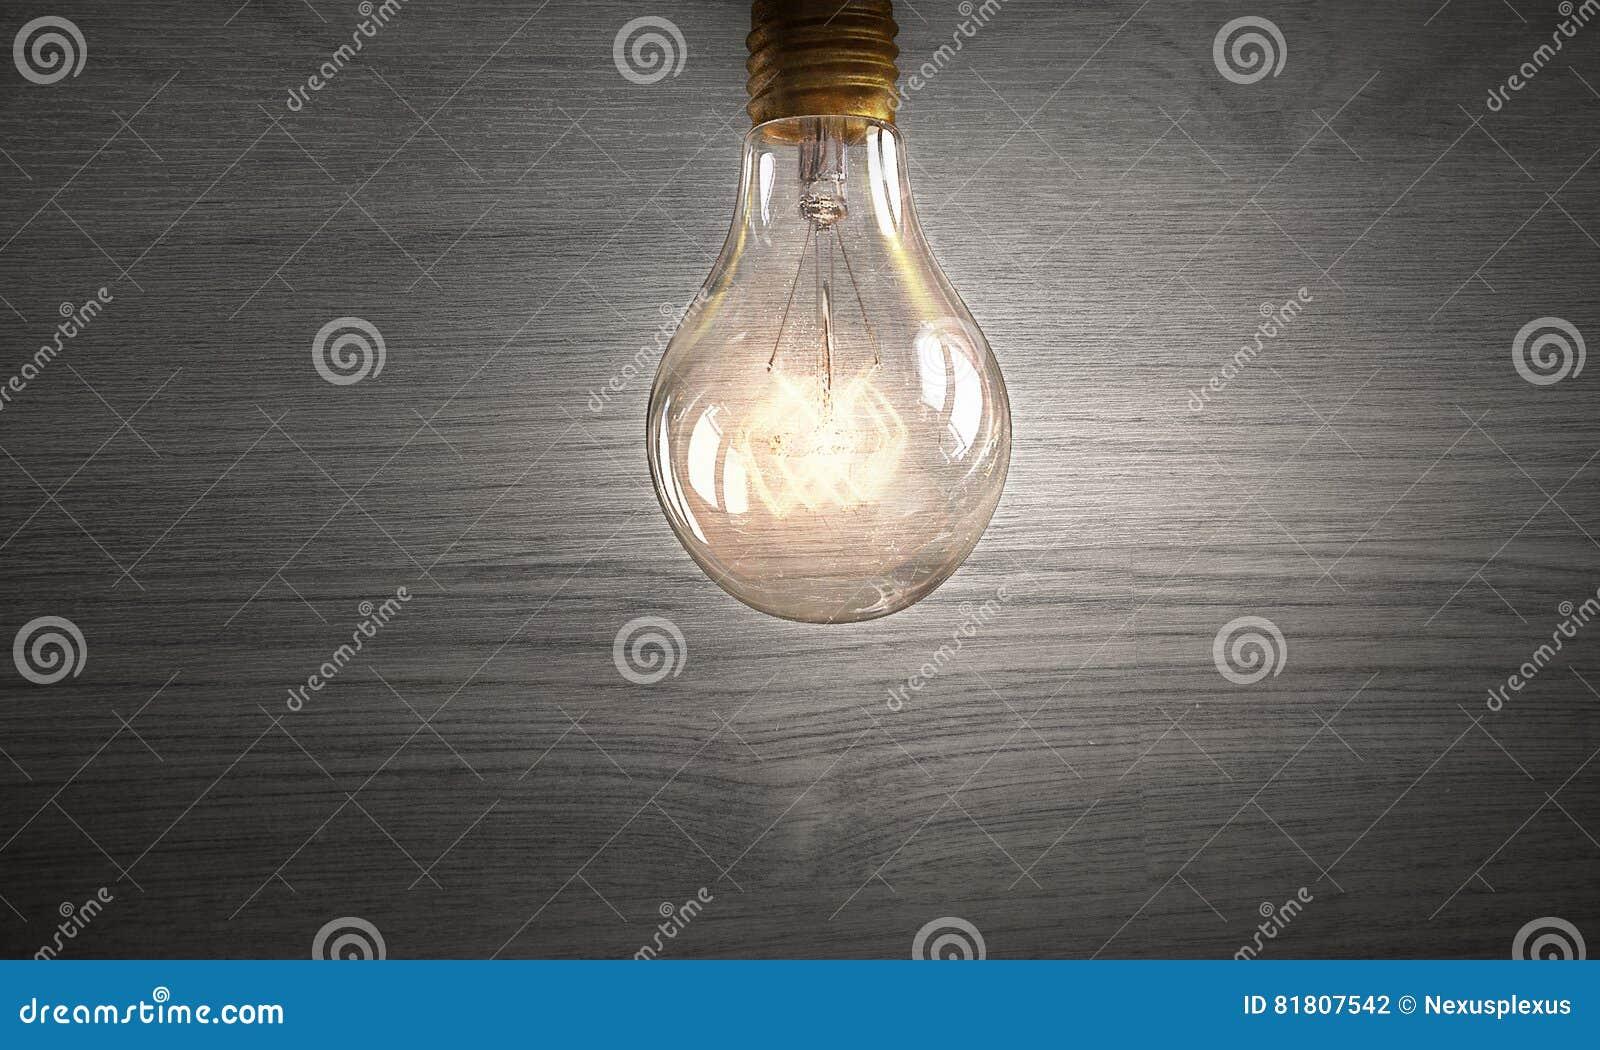 Электрическая лампочка на деревянной поверхности Мультимедиа